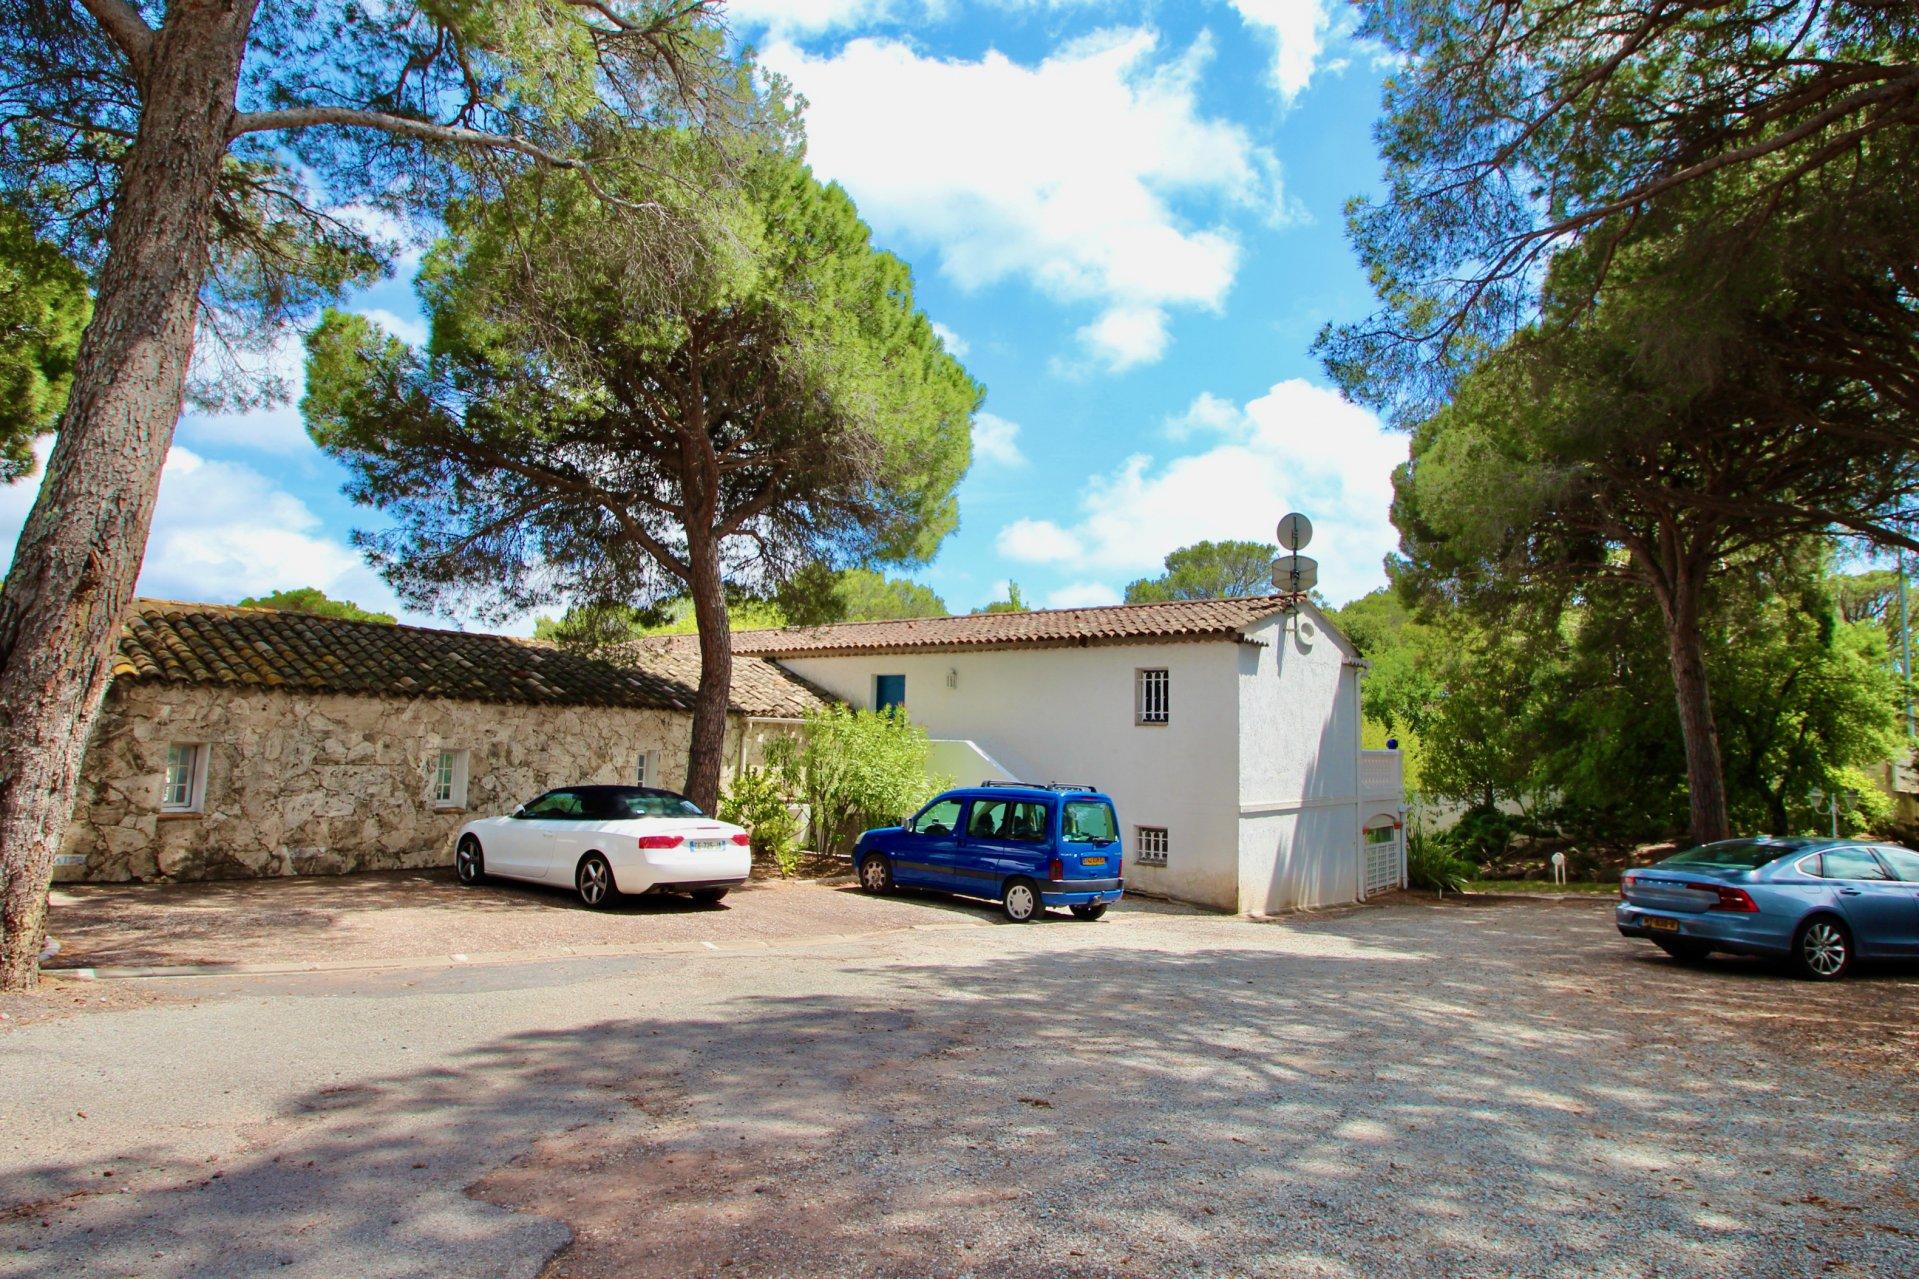 St.Raphaël - Valescure Riant 4 k. BG appartement + 2 x garage